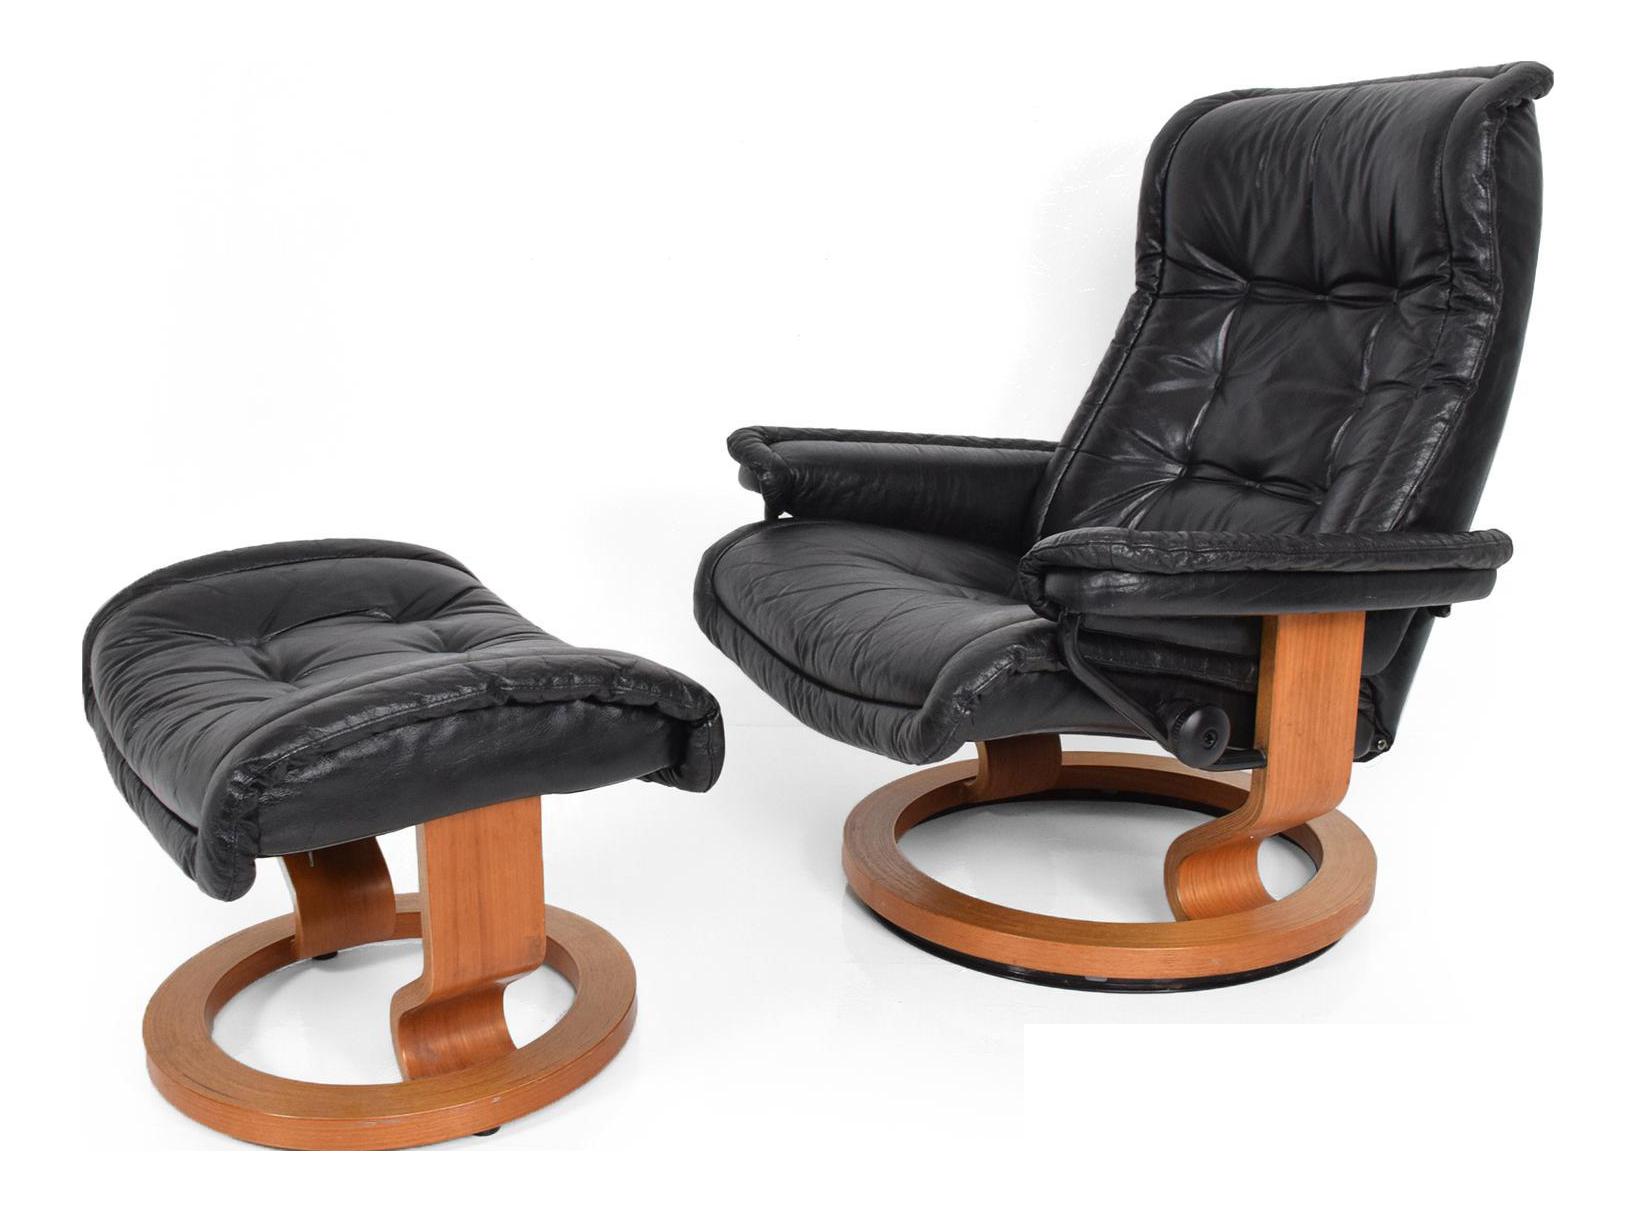 modern recliner chair. Superb Vintage Scandinavian Modern Ekornes Stressless Recliner Chair \u0026 Ottoman | DECASO